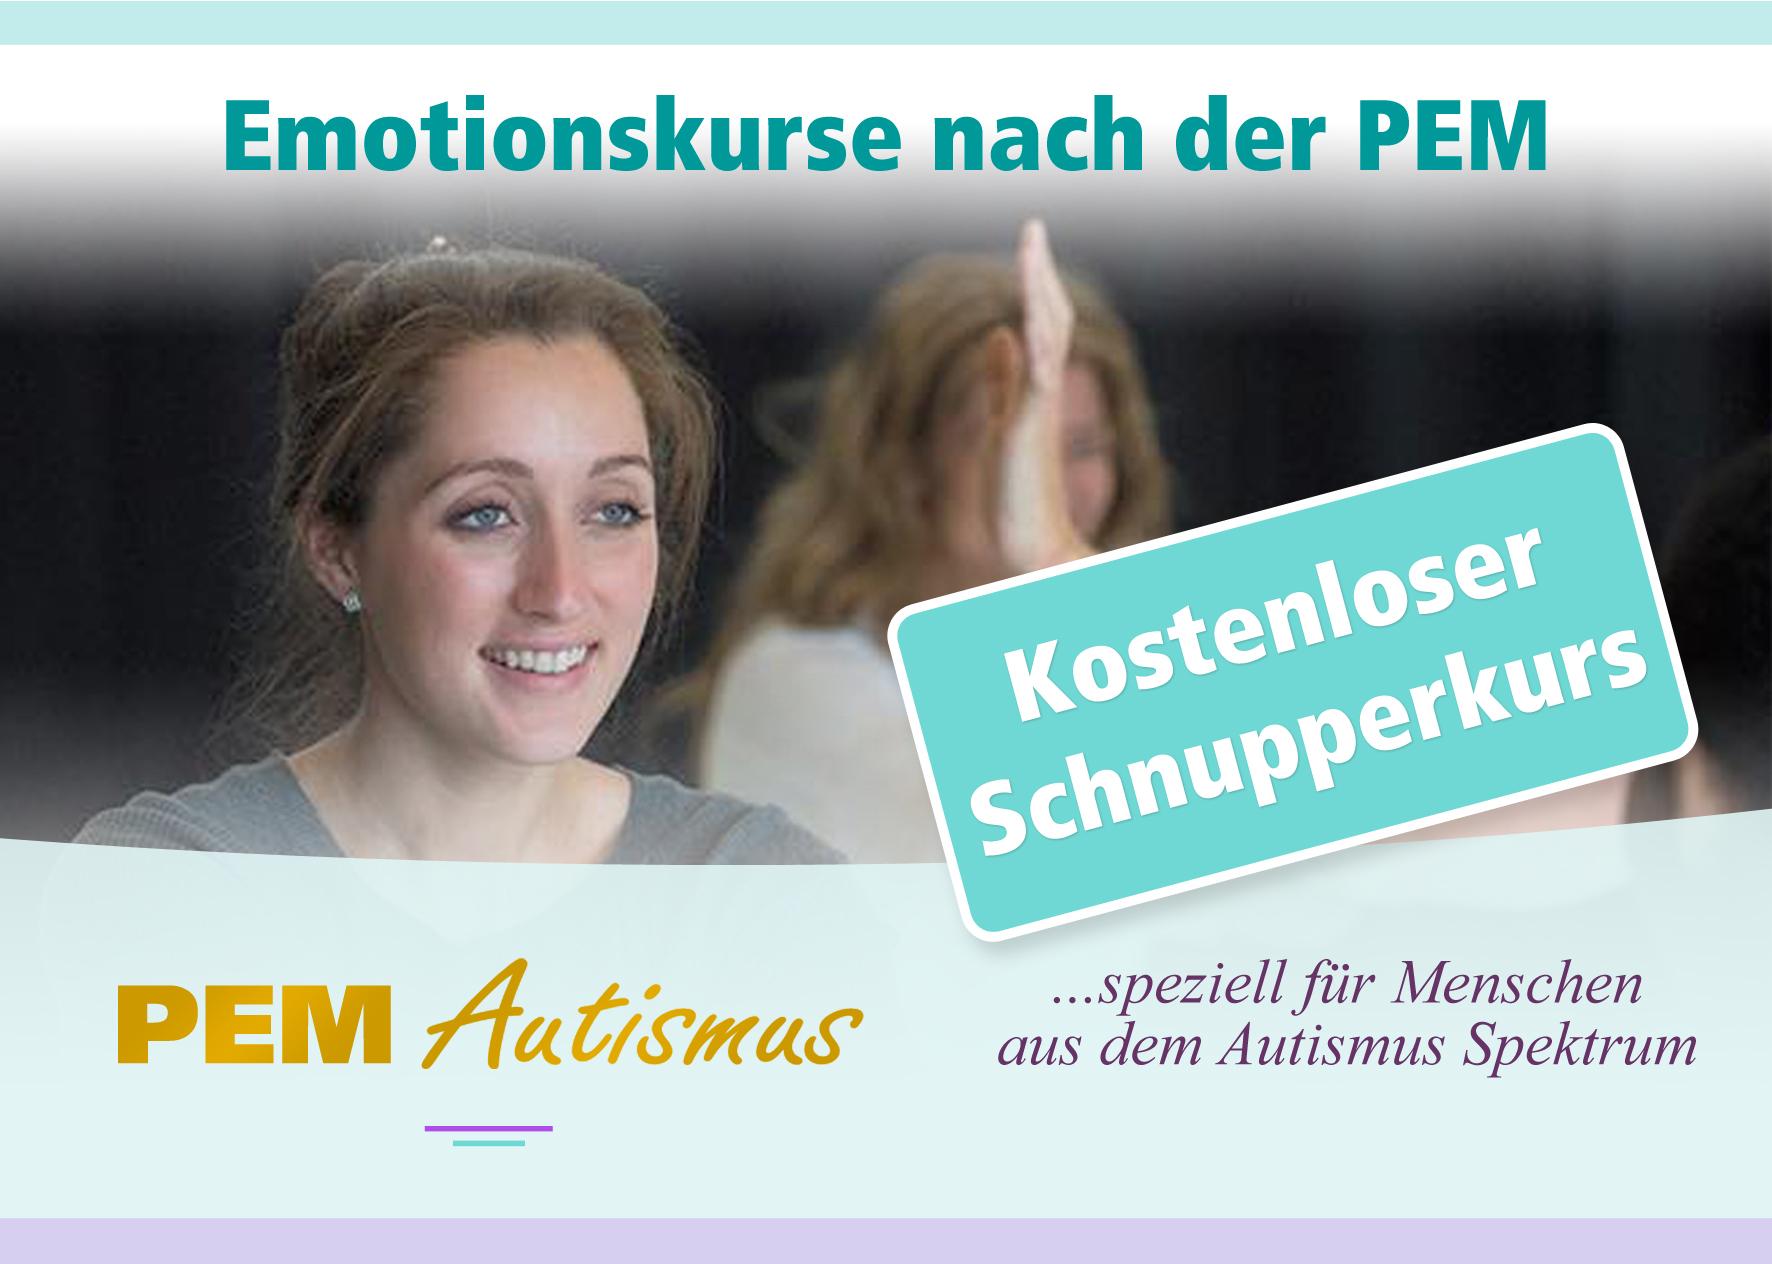 PEM Autismus - Kostenloser Schnupperkurs für Menschen aus dem Autismus Spektrum